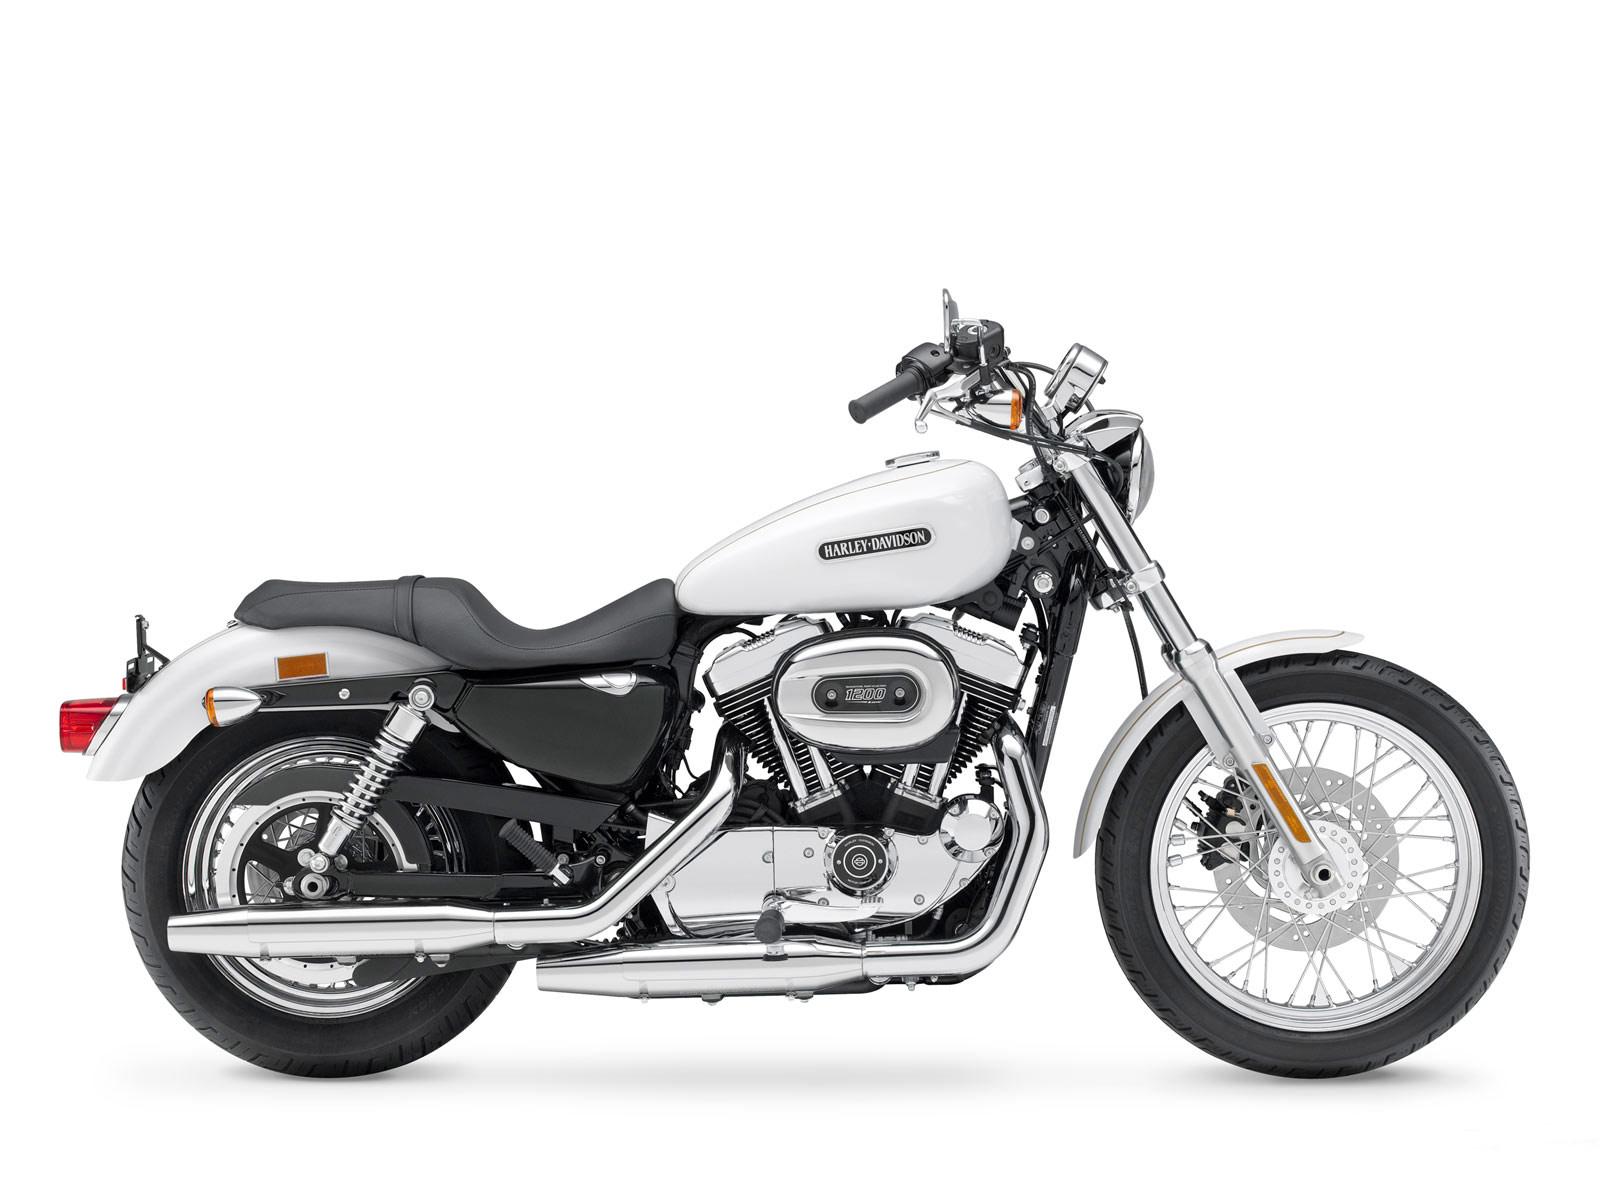 Harley Davidson 2008: 2008 Harley-Davidson XL1200L Sportster 1200 Low Pictures